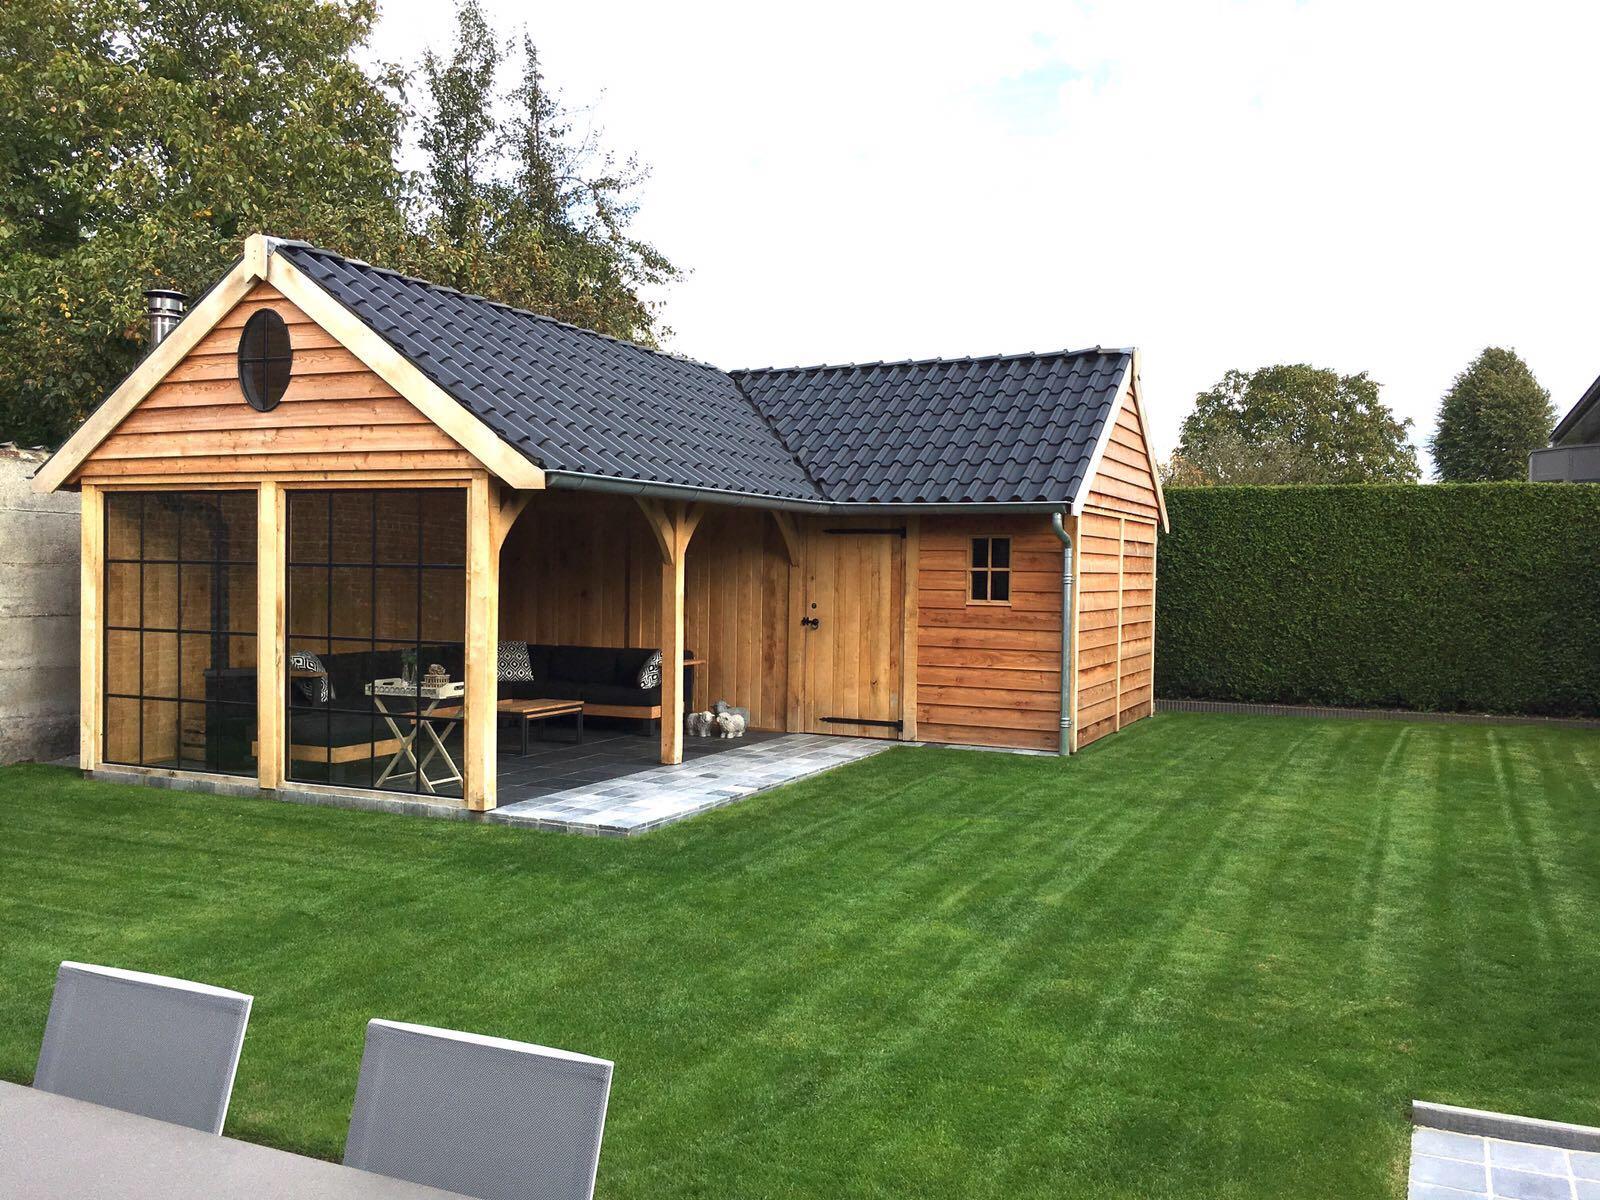 poolhouse-3-min - Tuinhuis met veranda Hoekmodel